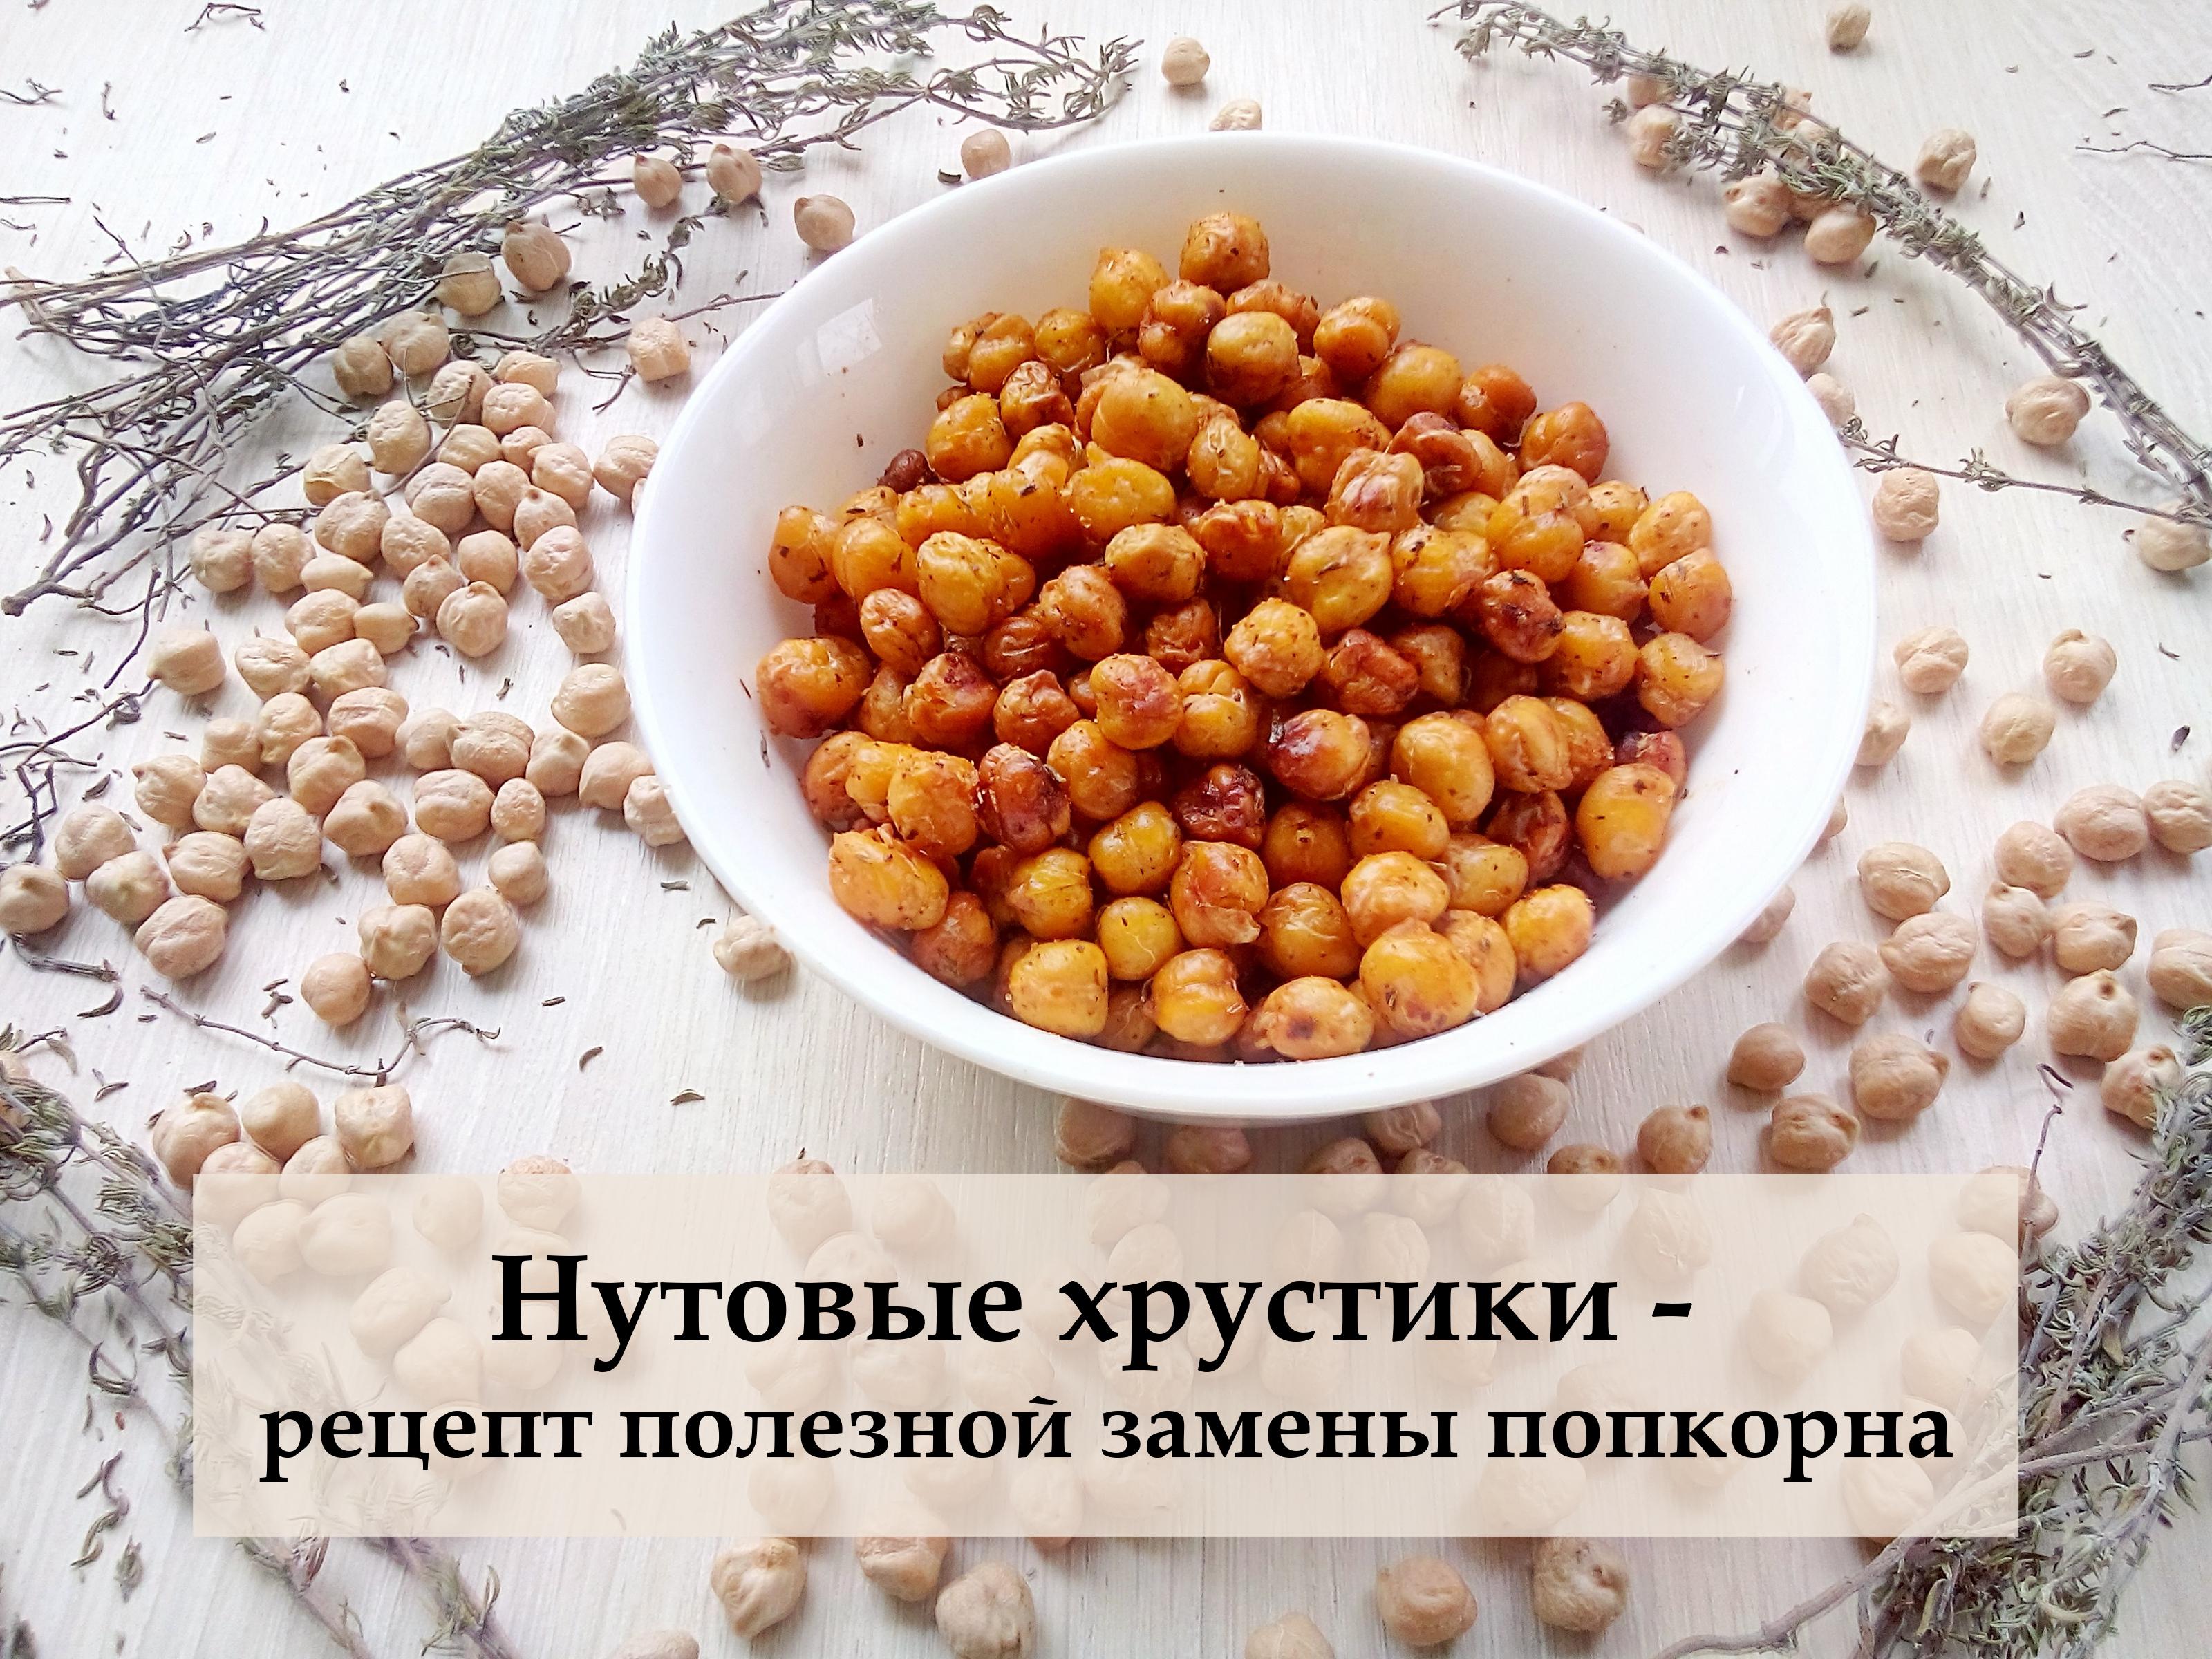 нутовые рецепты